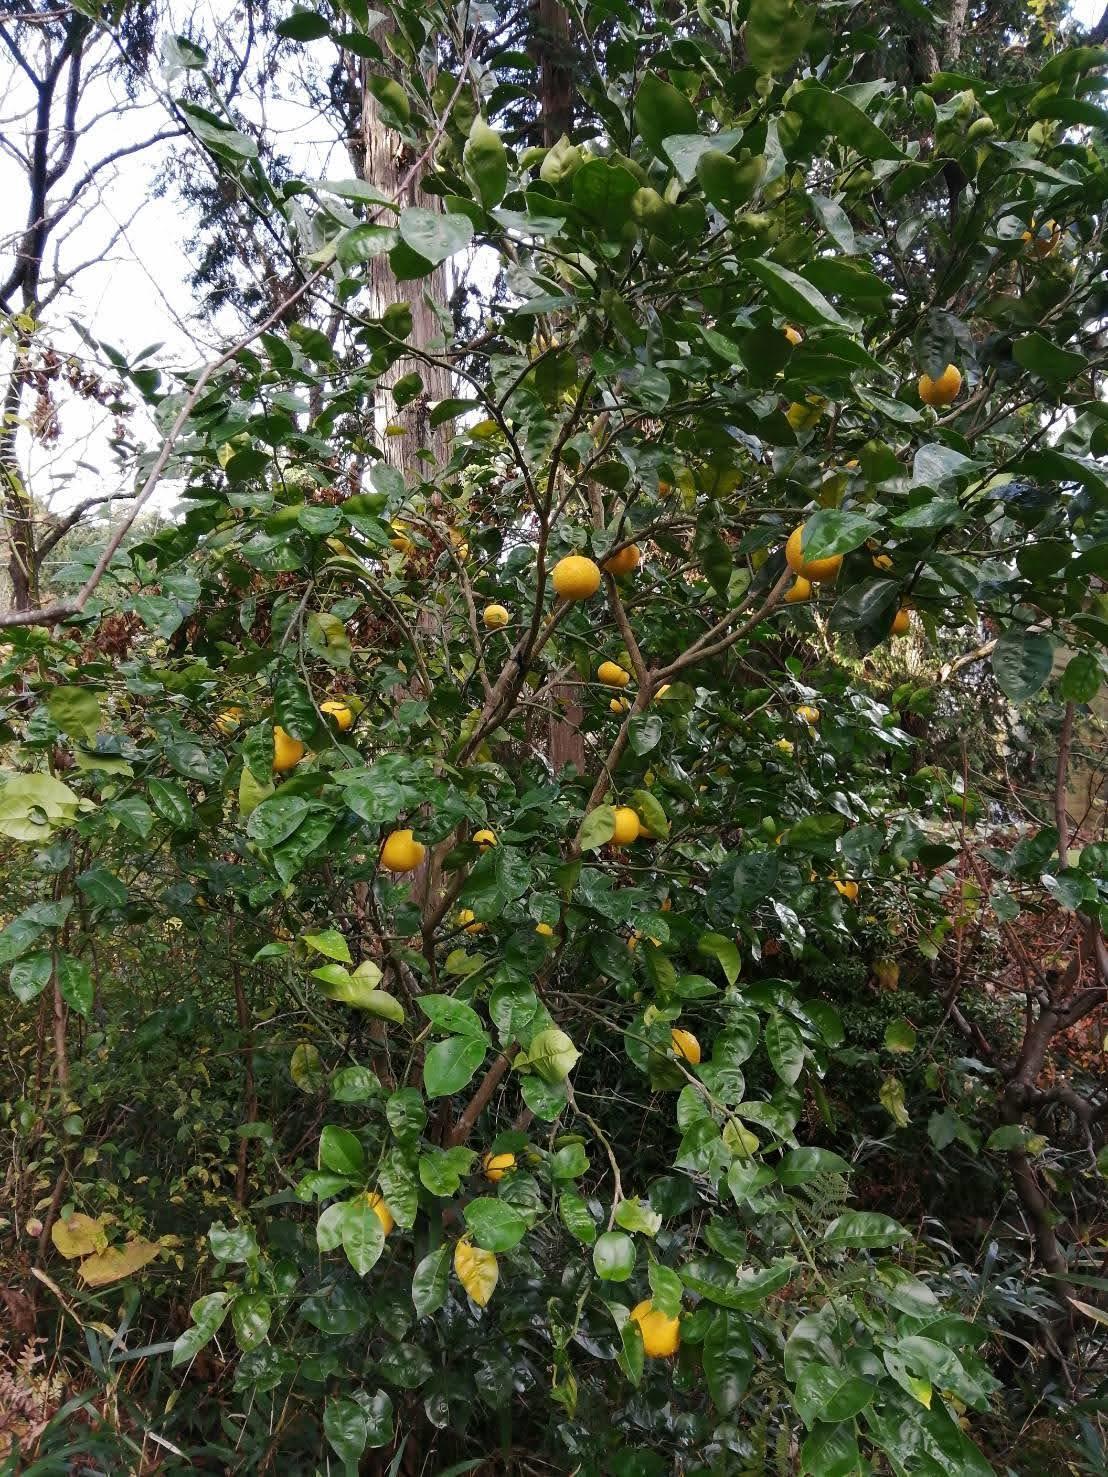 レモンがいっぱい!-英語のlemonは悪い意味?_c0019088_14231454.jpg